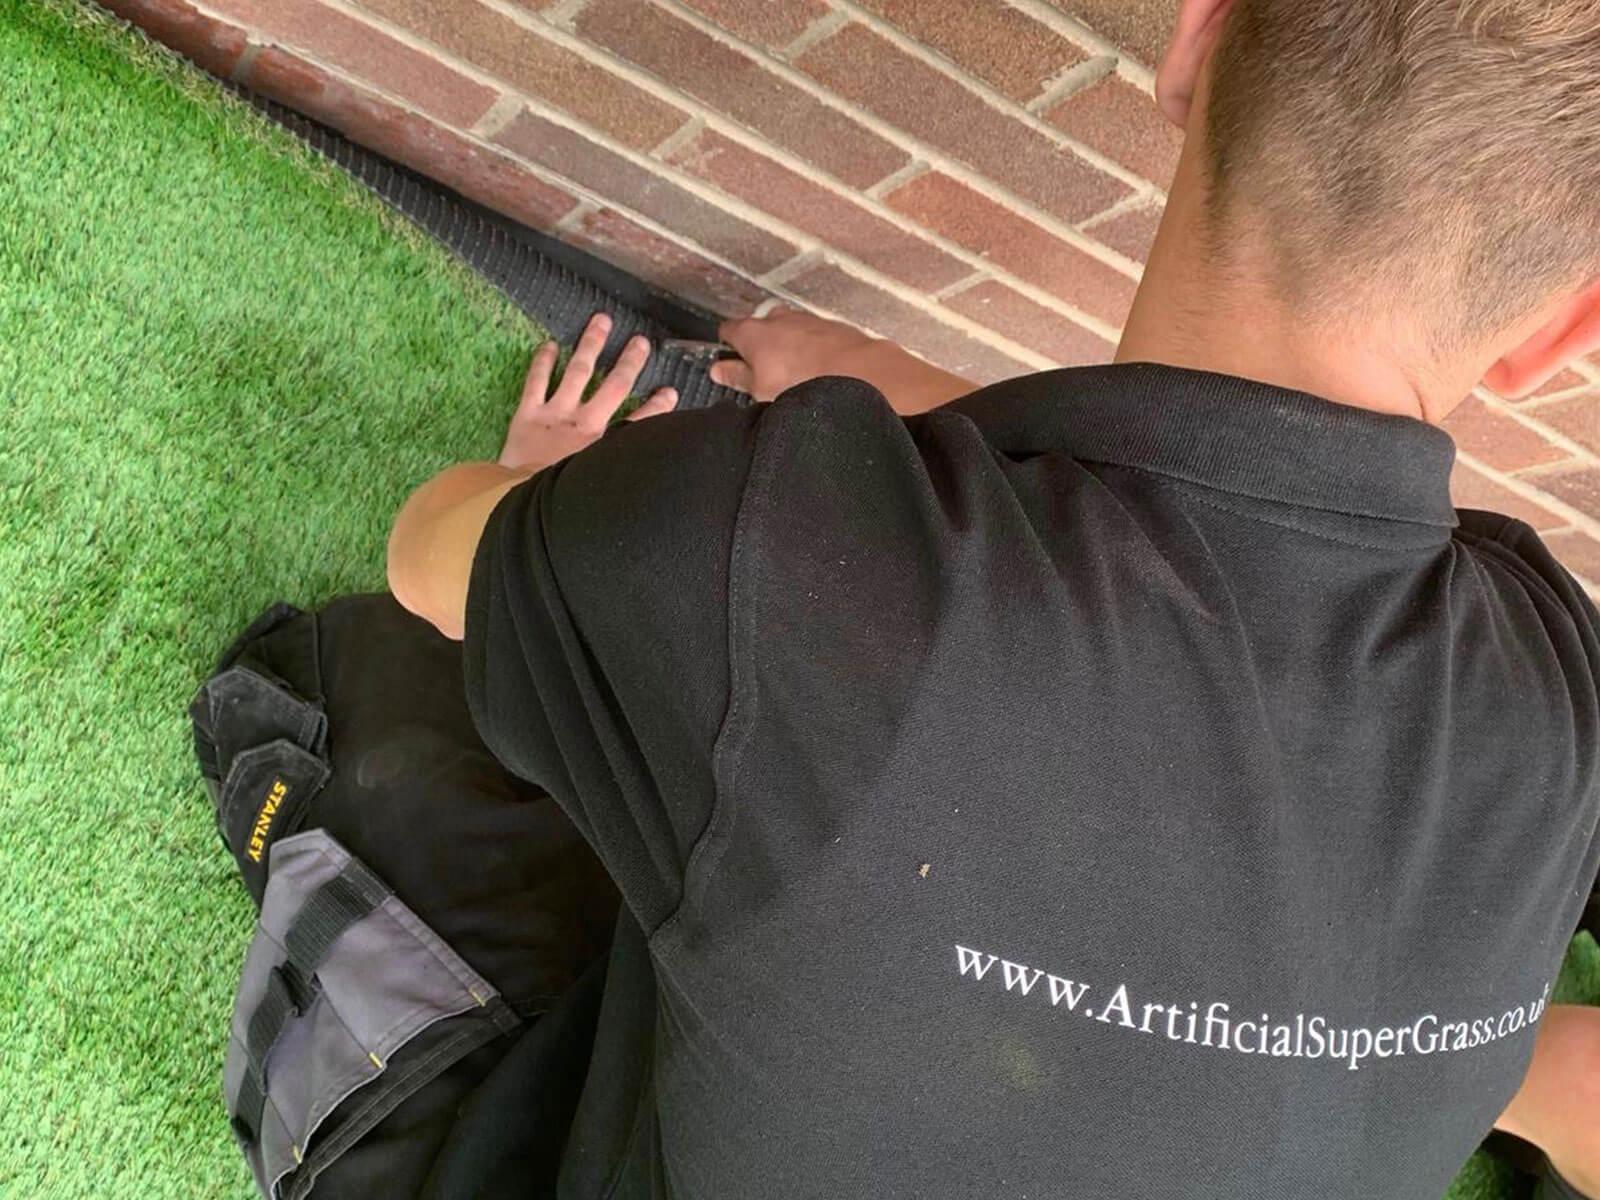 Artificial Grass Suppliers Sheffield Artificial Super Grass